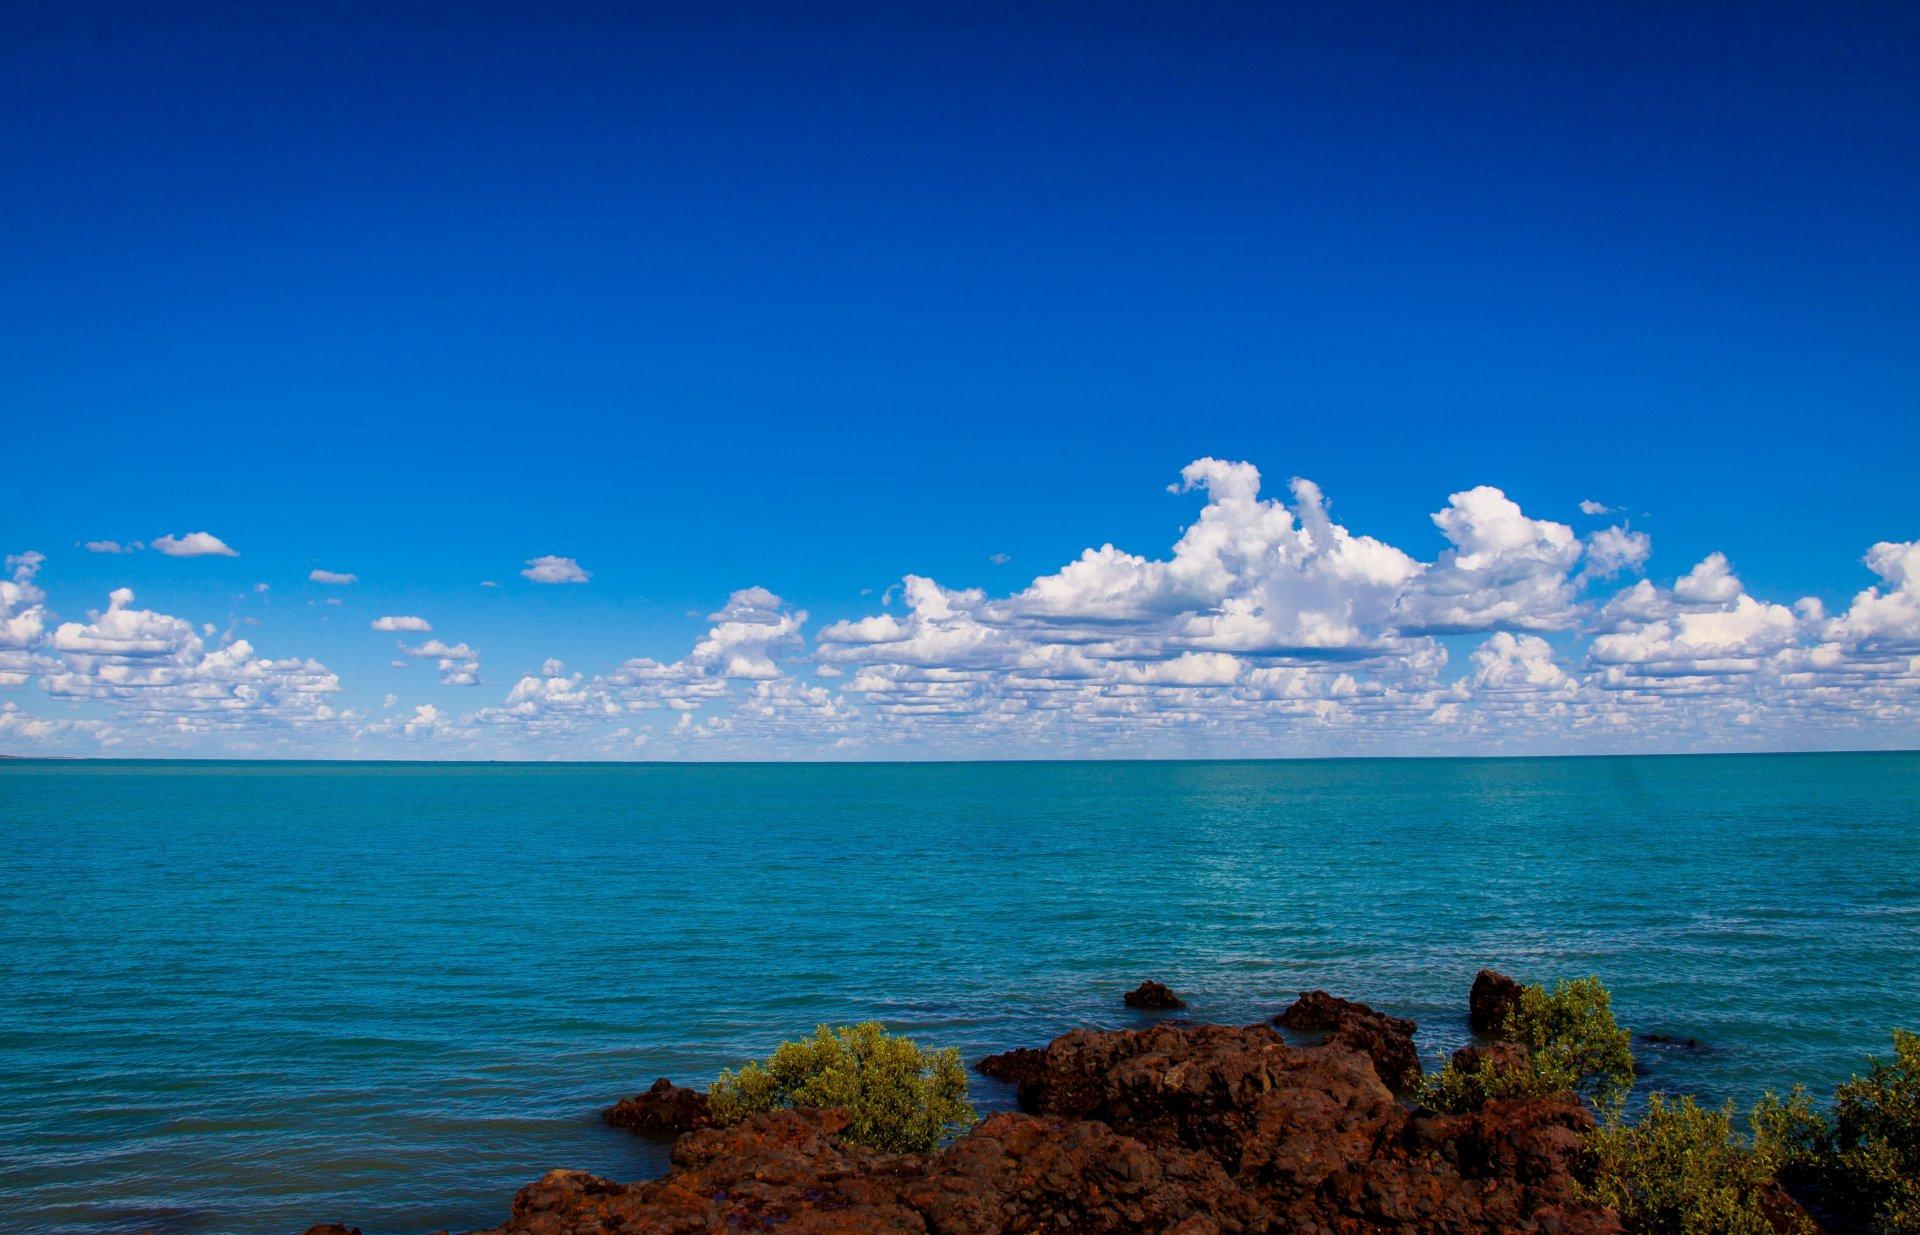 красивые фотографии моря и небо хорошего качества поздравления